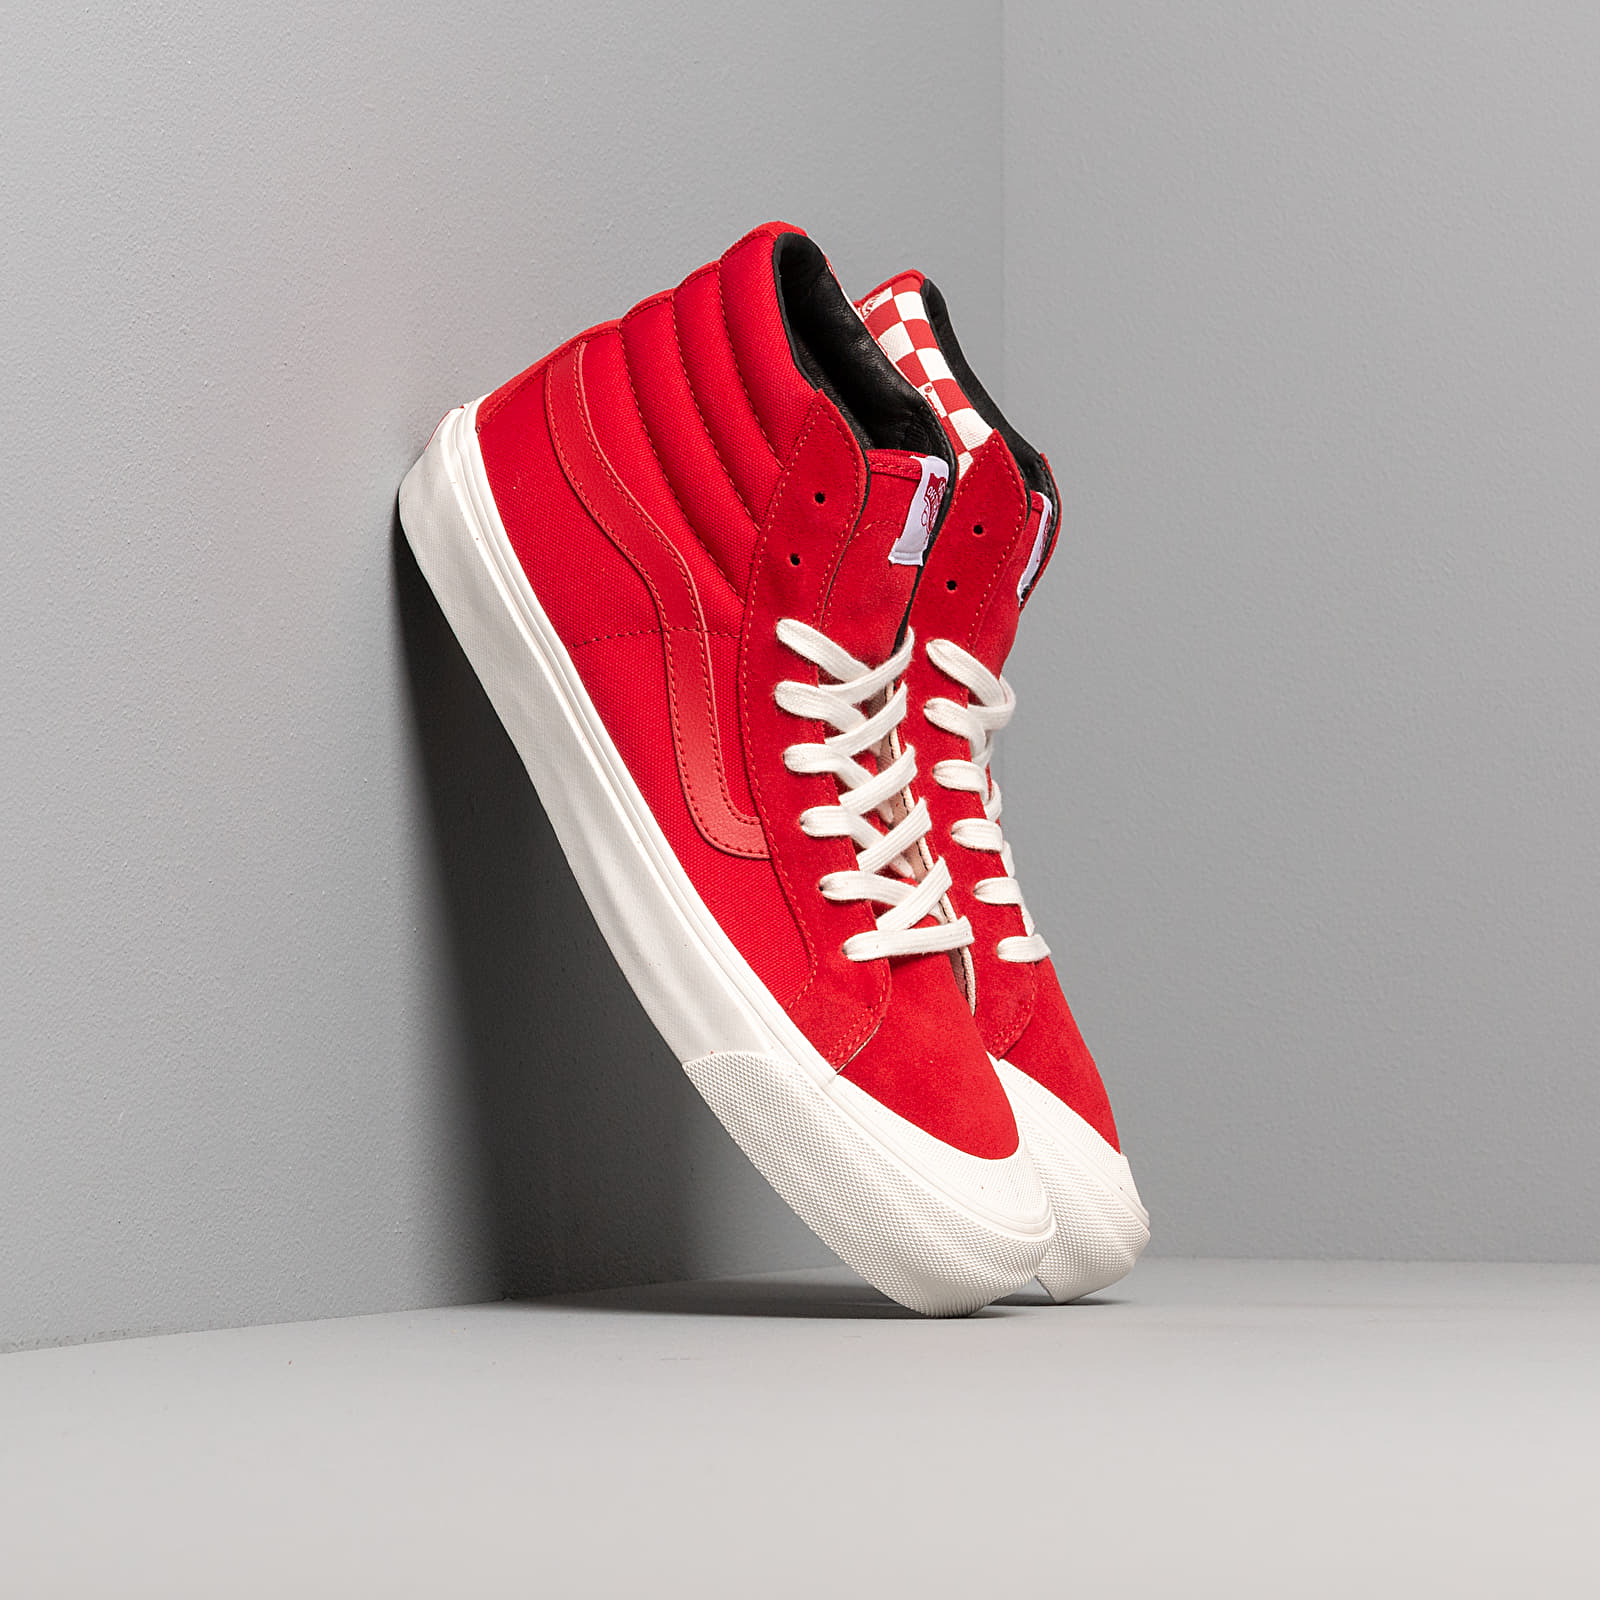 Pánské kotníkové boty Vans OG Style 138 LX (Suede/ Canvas) Racing Red